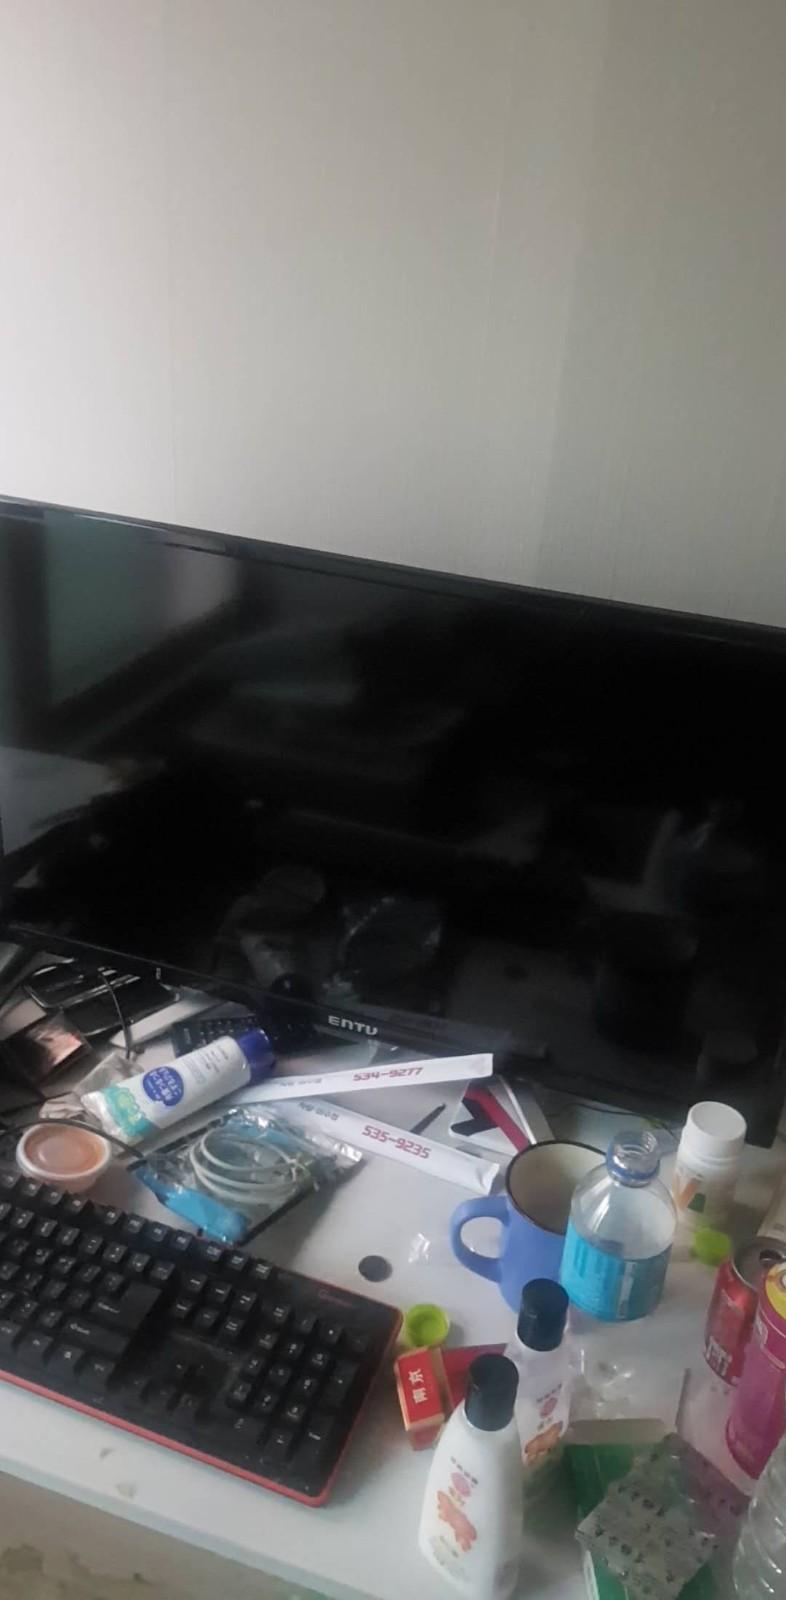 二手转让:中央大出一个全新32寸显示器 能当电视 能当电脑外